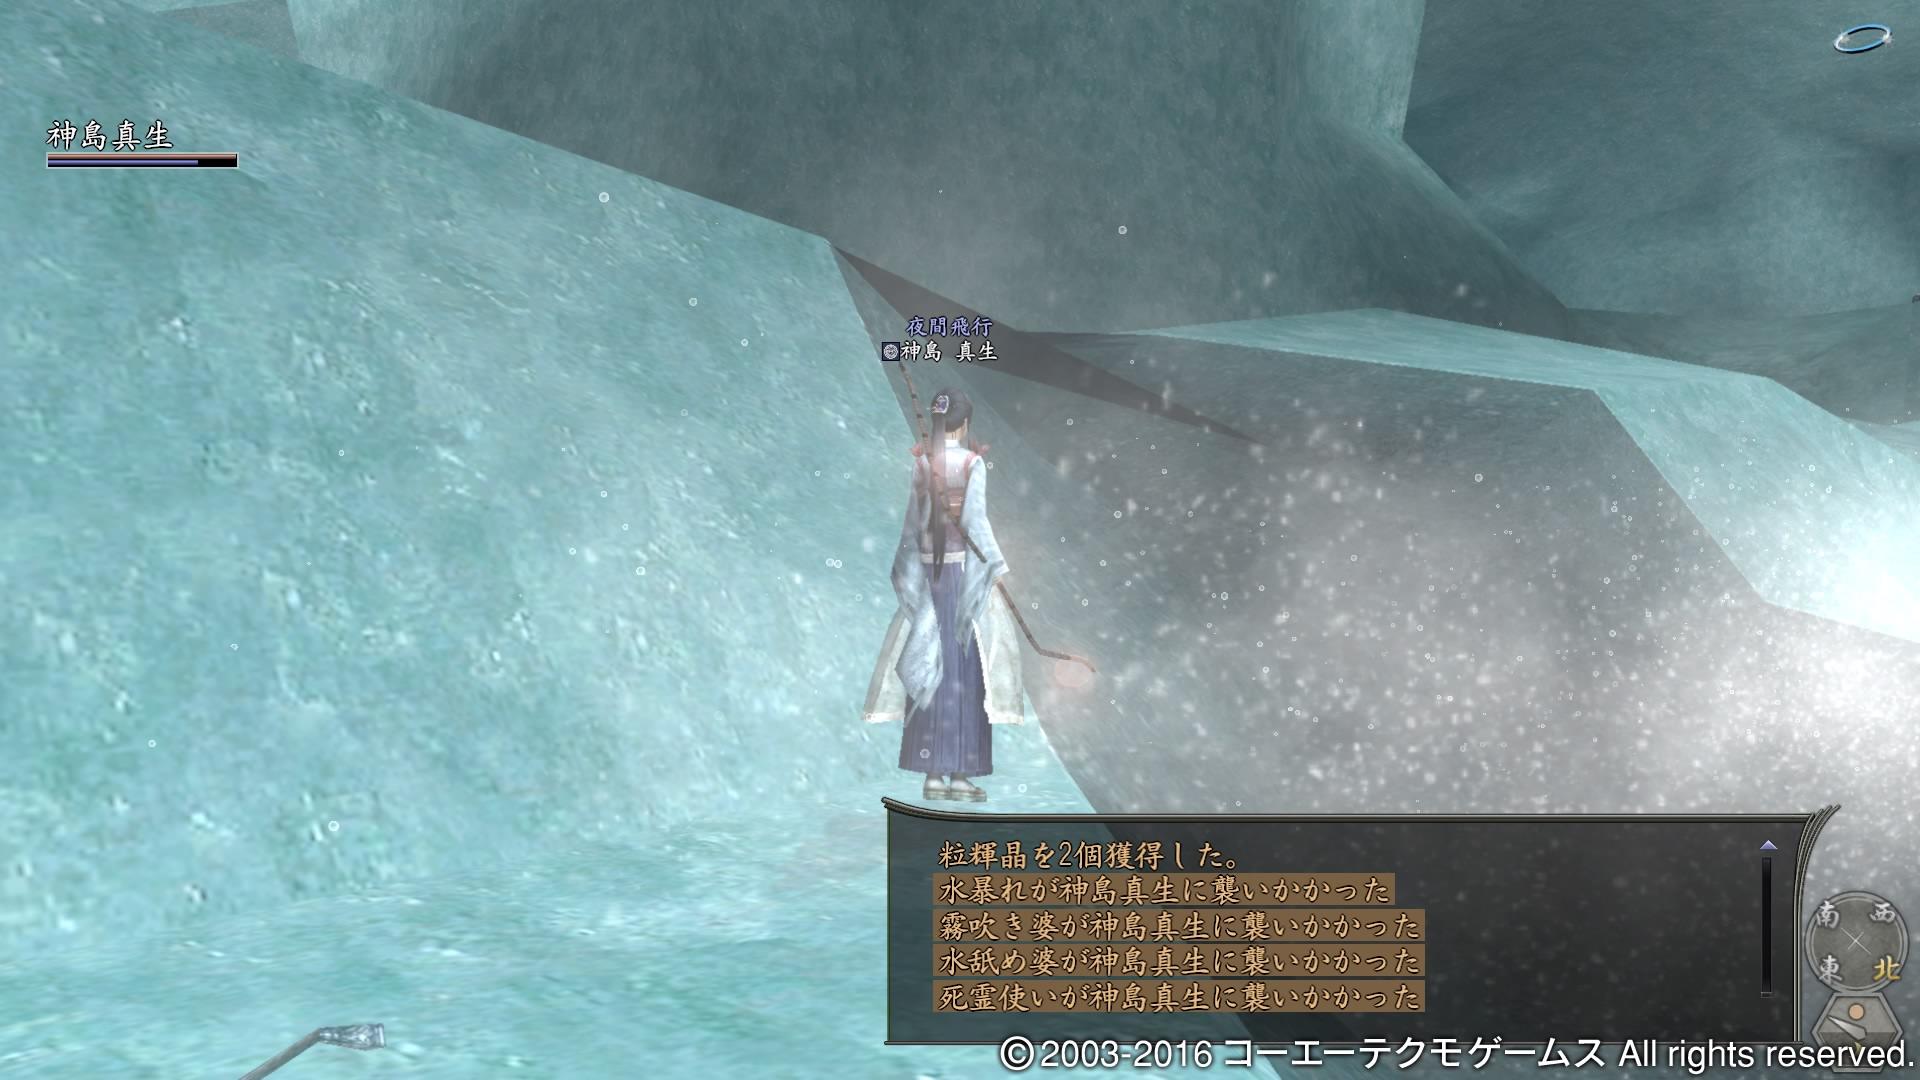 浜名湖の滝